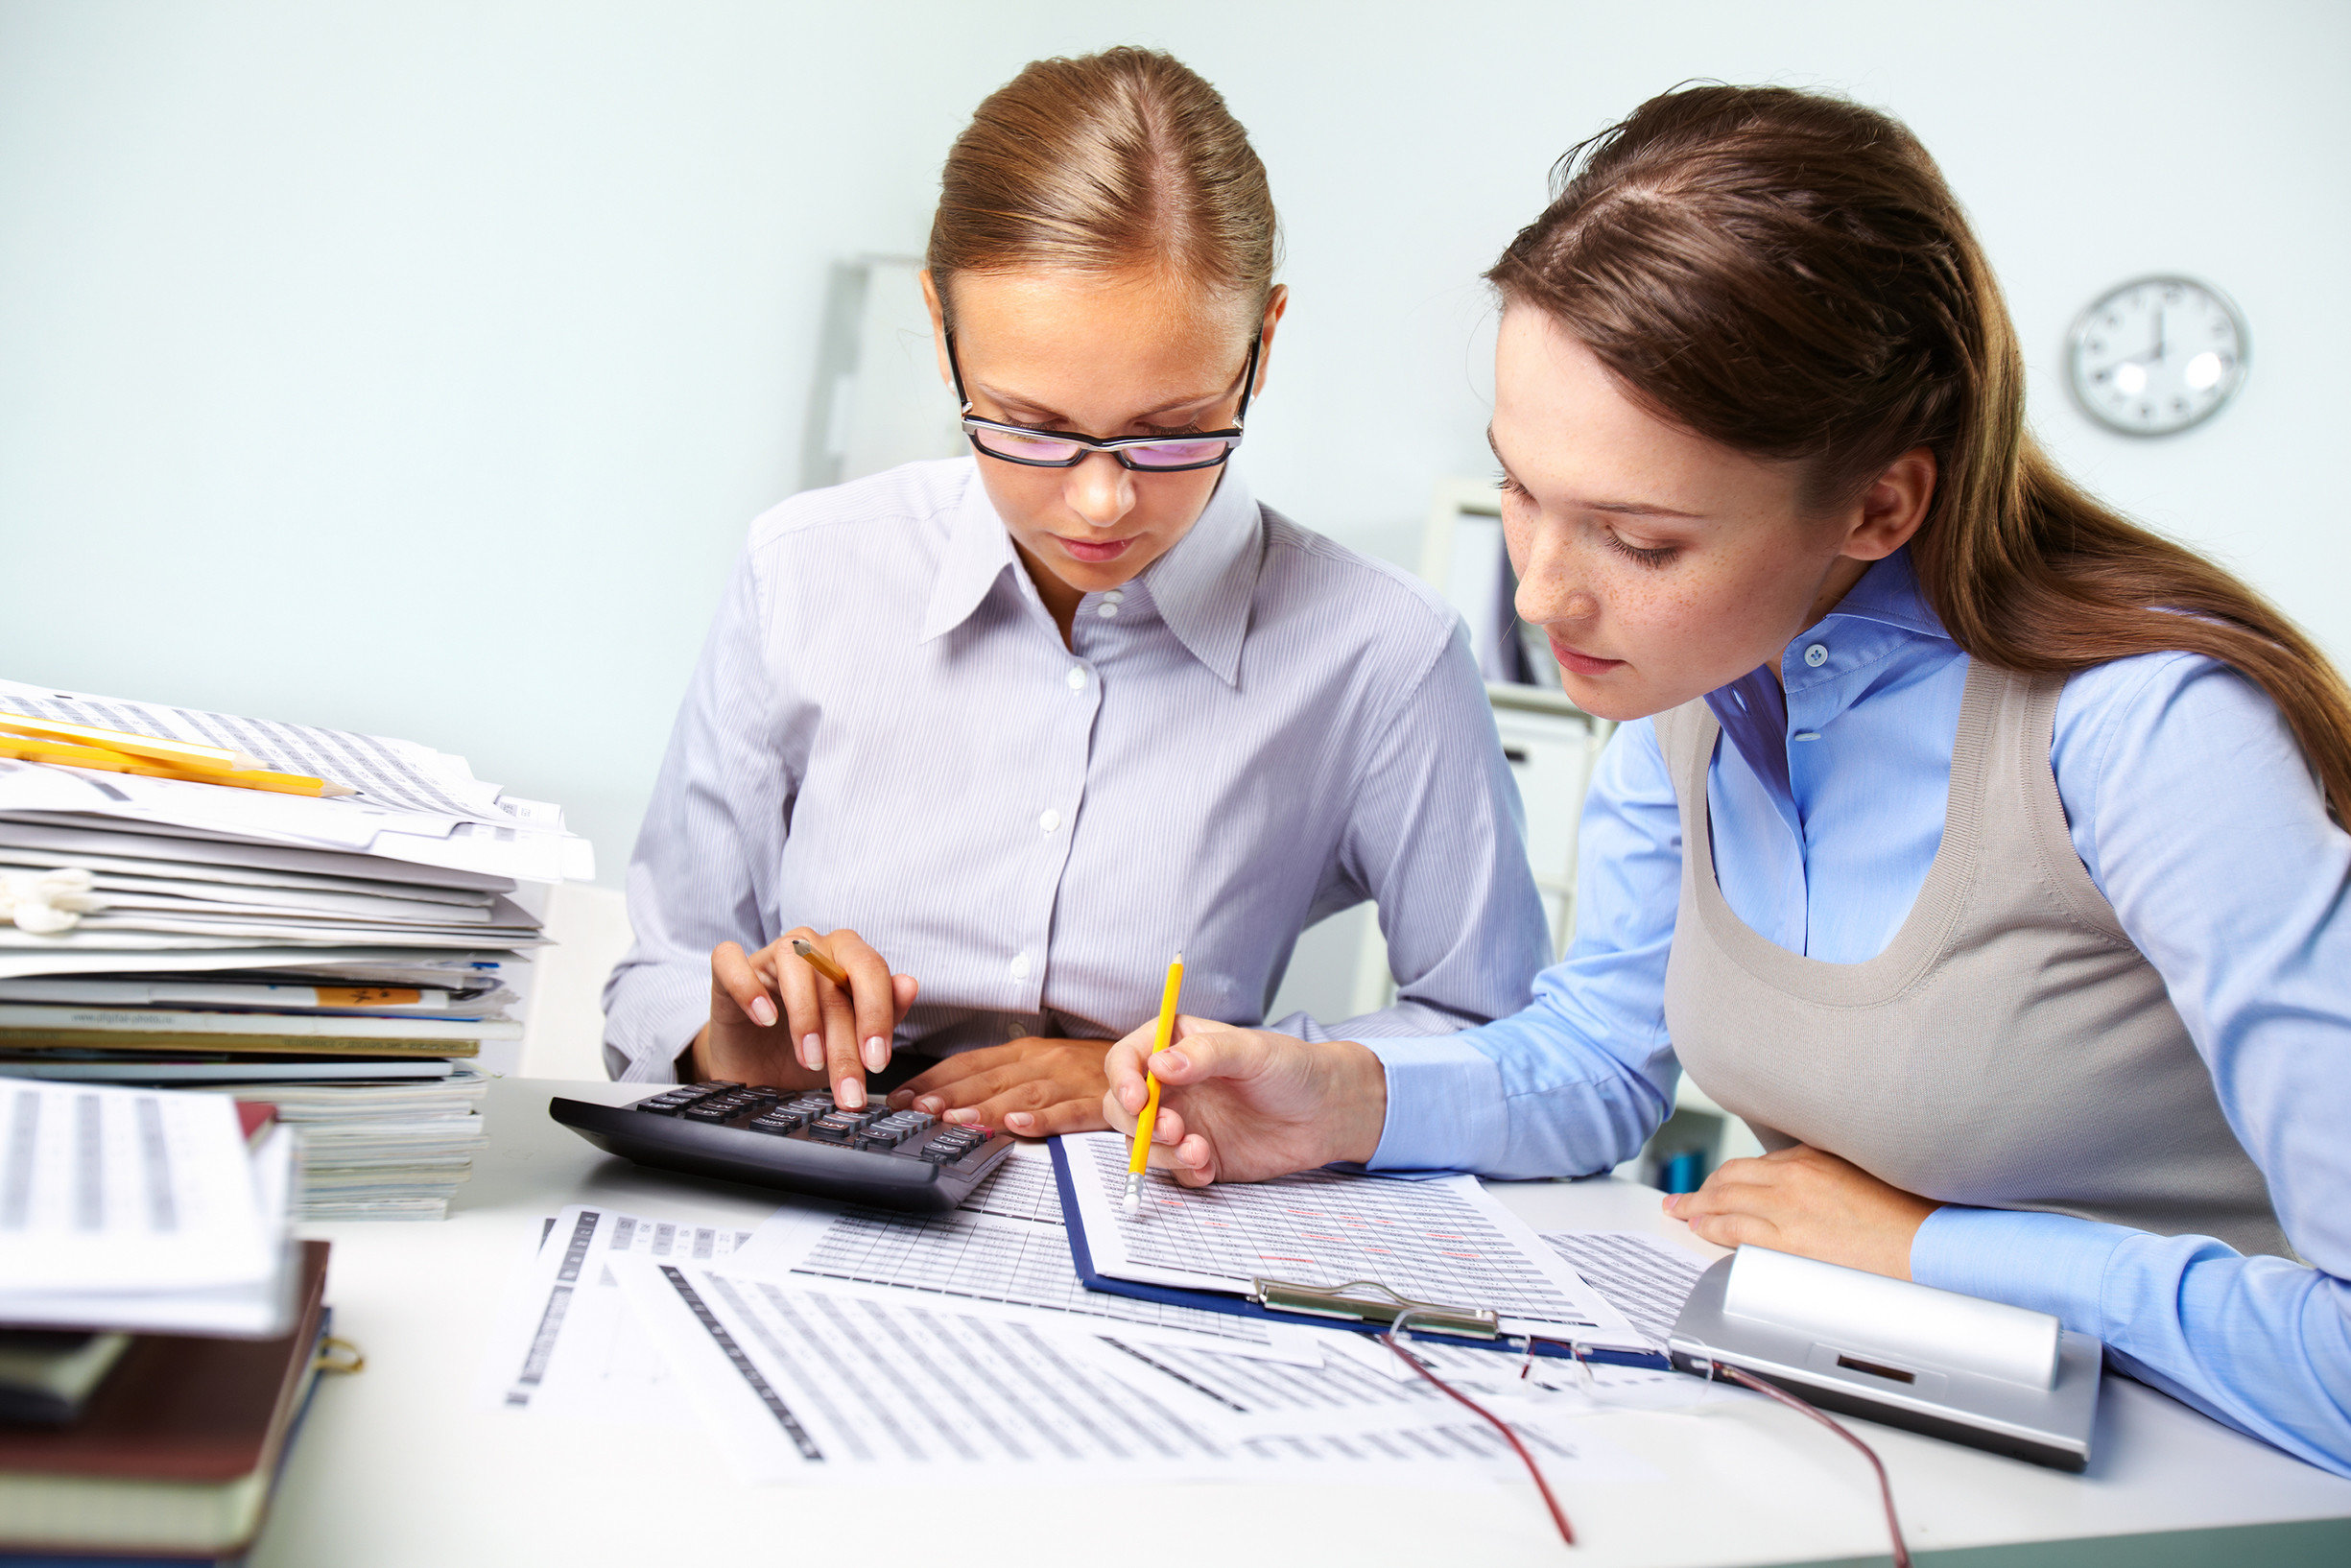 Бухгалтерский учет — как организовать бухучет с нуля